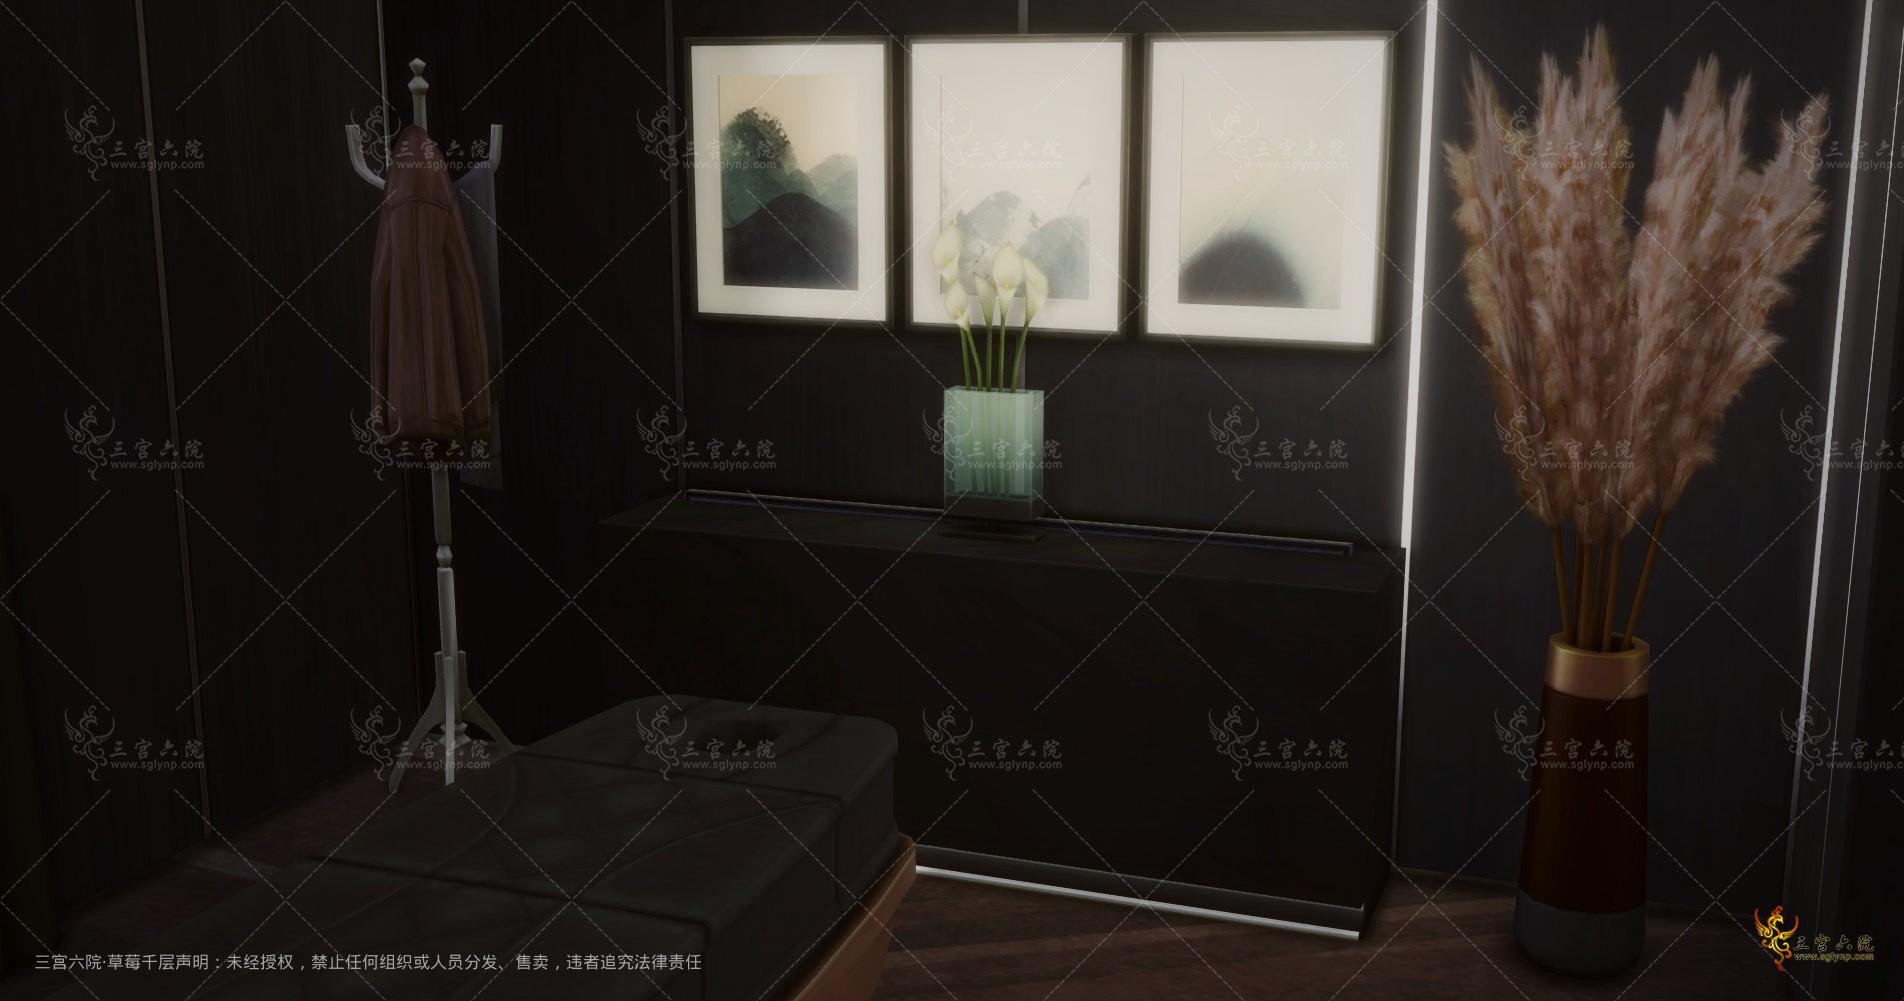 TS4_x64 2021-09-30 00-26-26.jpg